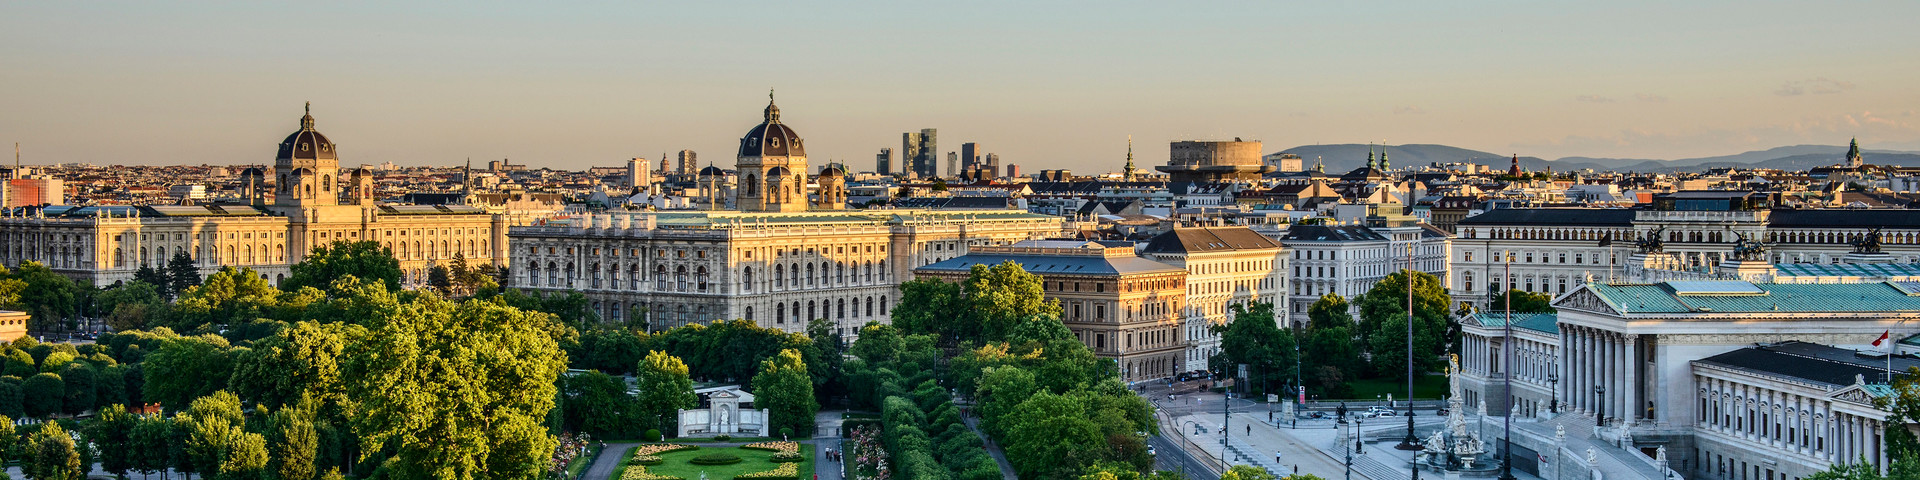 Wien - Blick auf den Volksgarten © WienTourismus - Christian Stemper